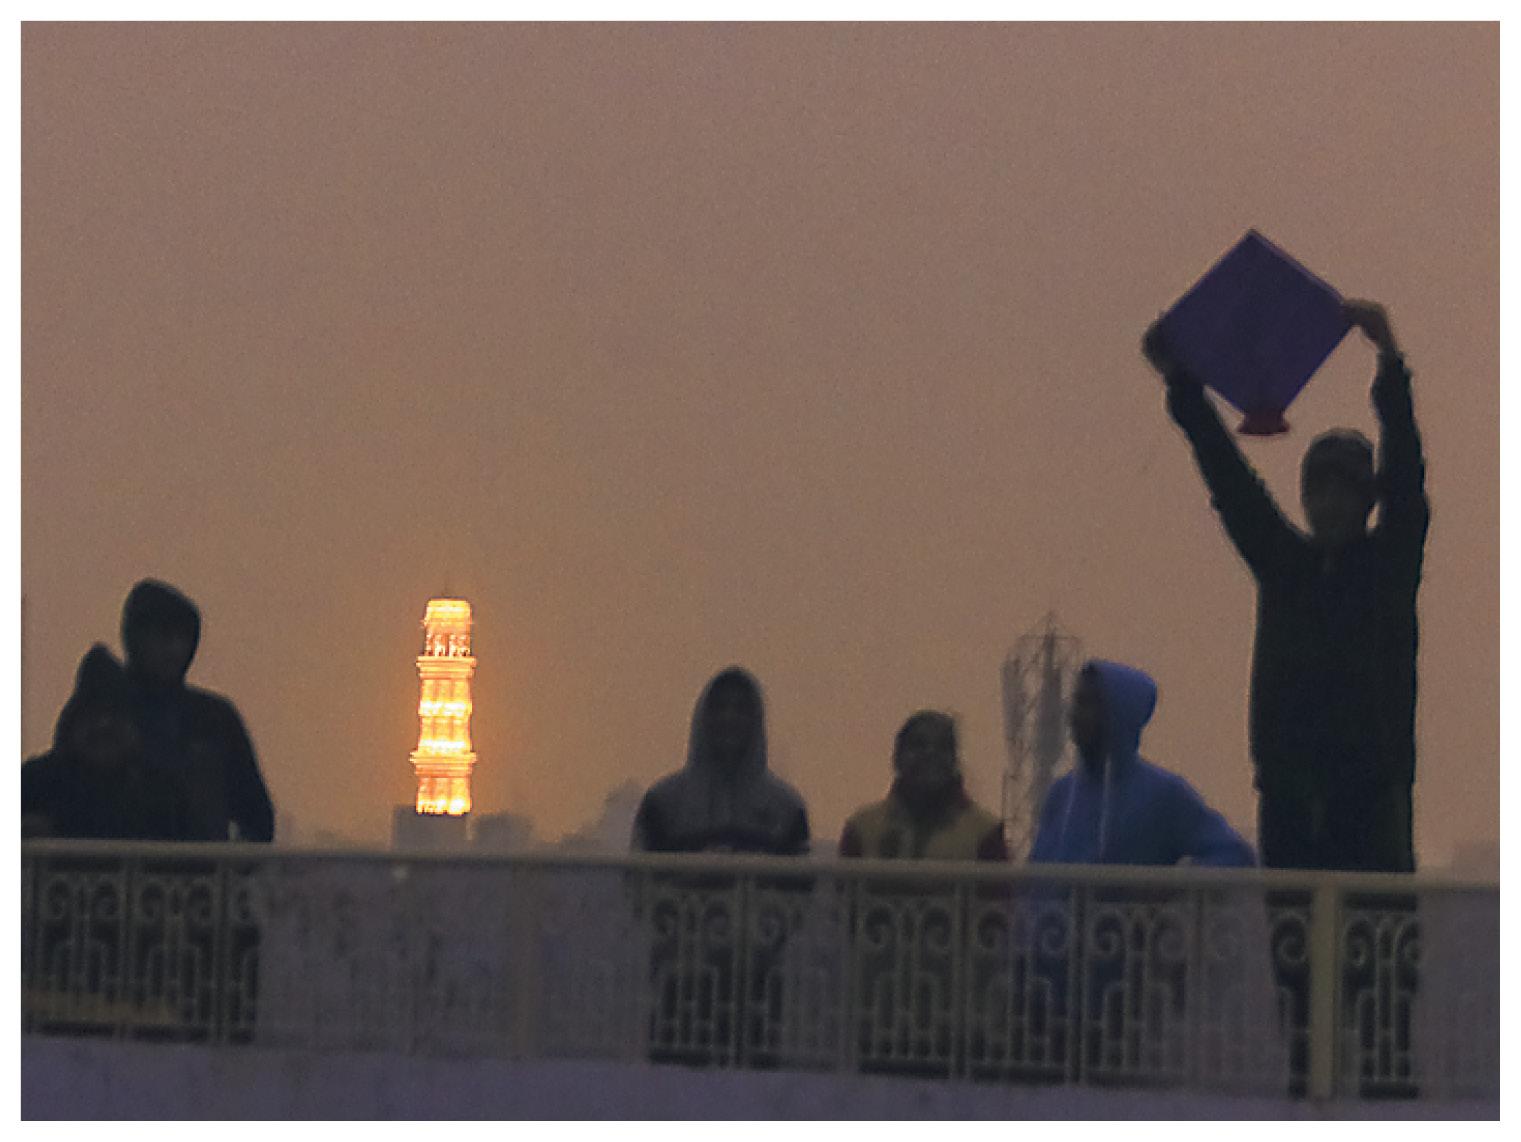 जयपुर में शनिवार शाम 5:50 बजे: घने कोहरे के के कारण रात जैसा लगने लगा।